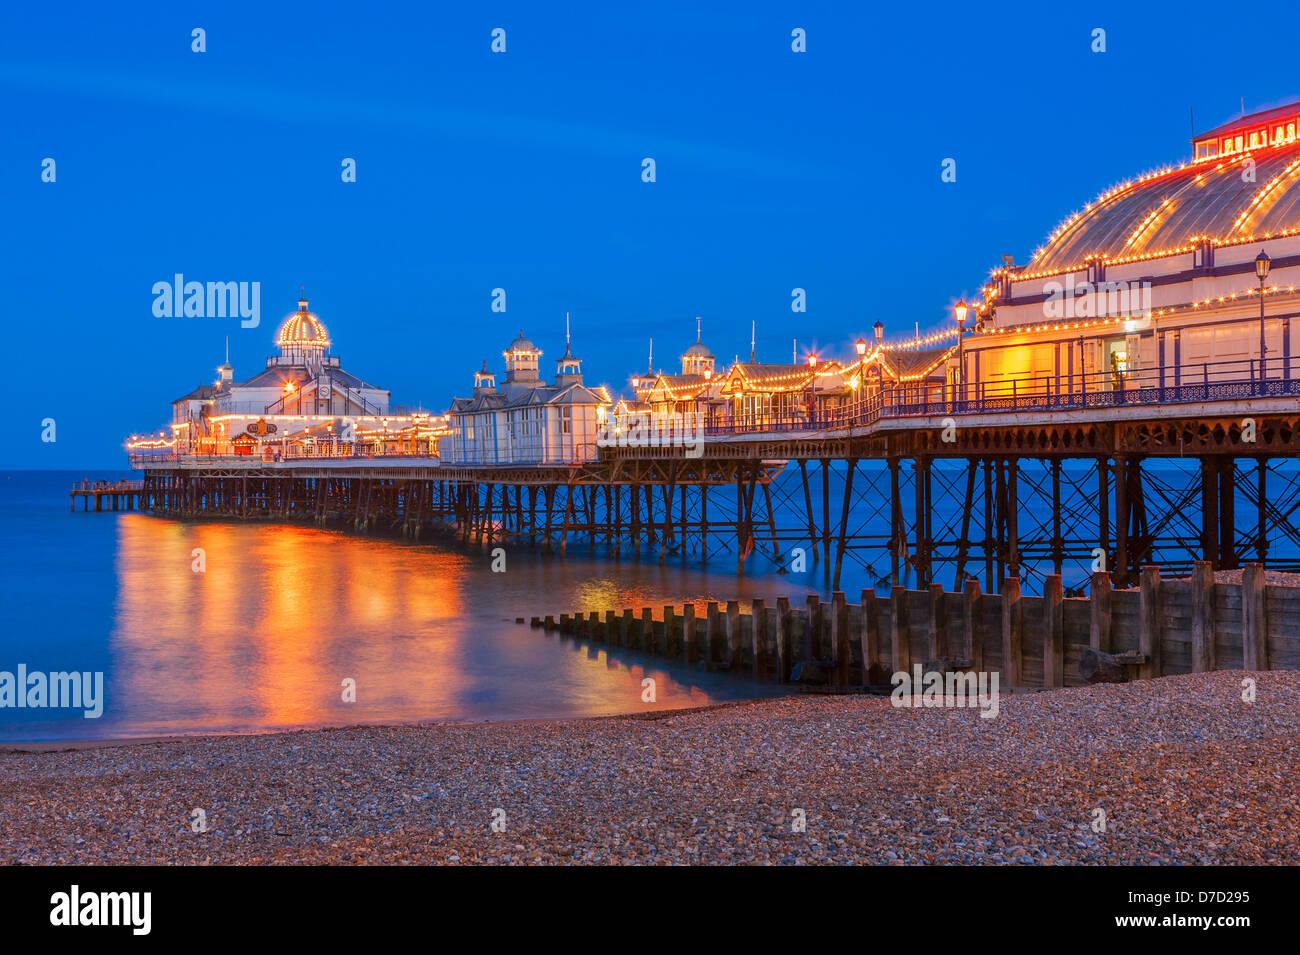 Eastbourne pier iluminada en penumbra Imagen De Stock